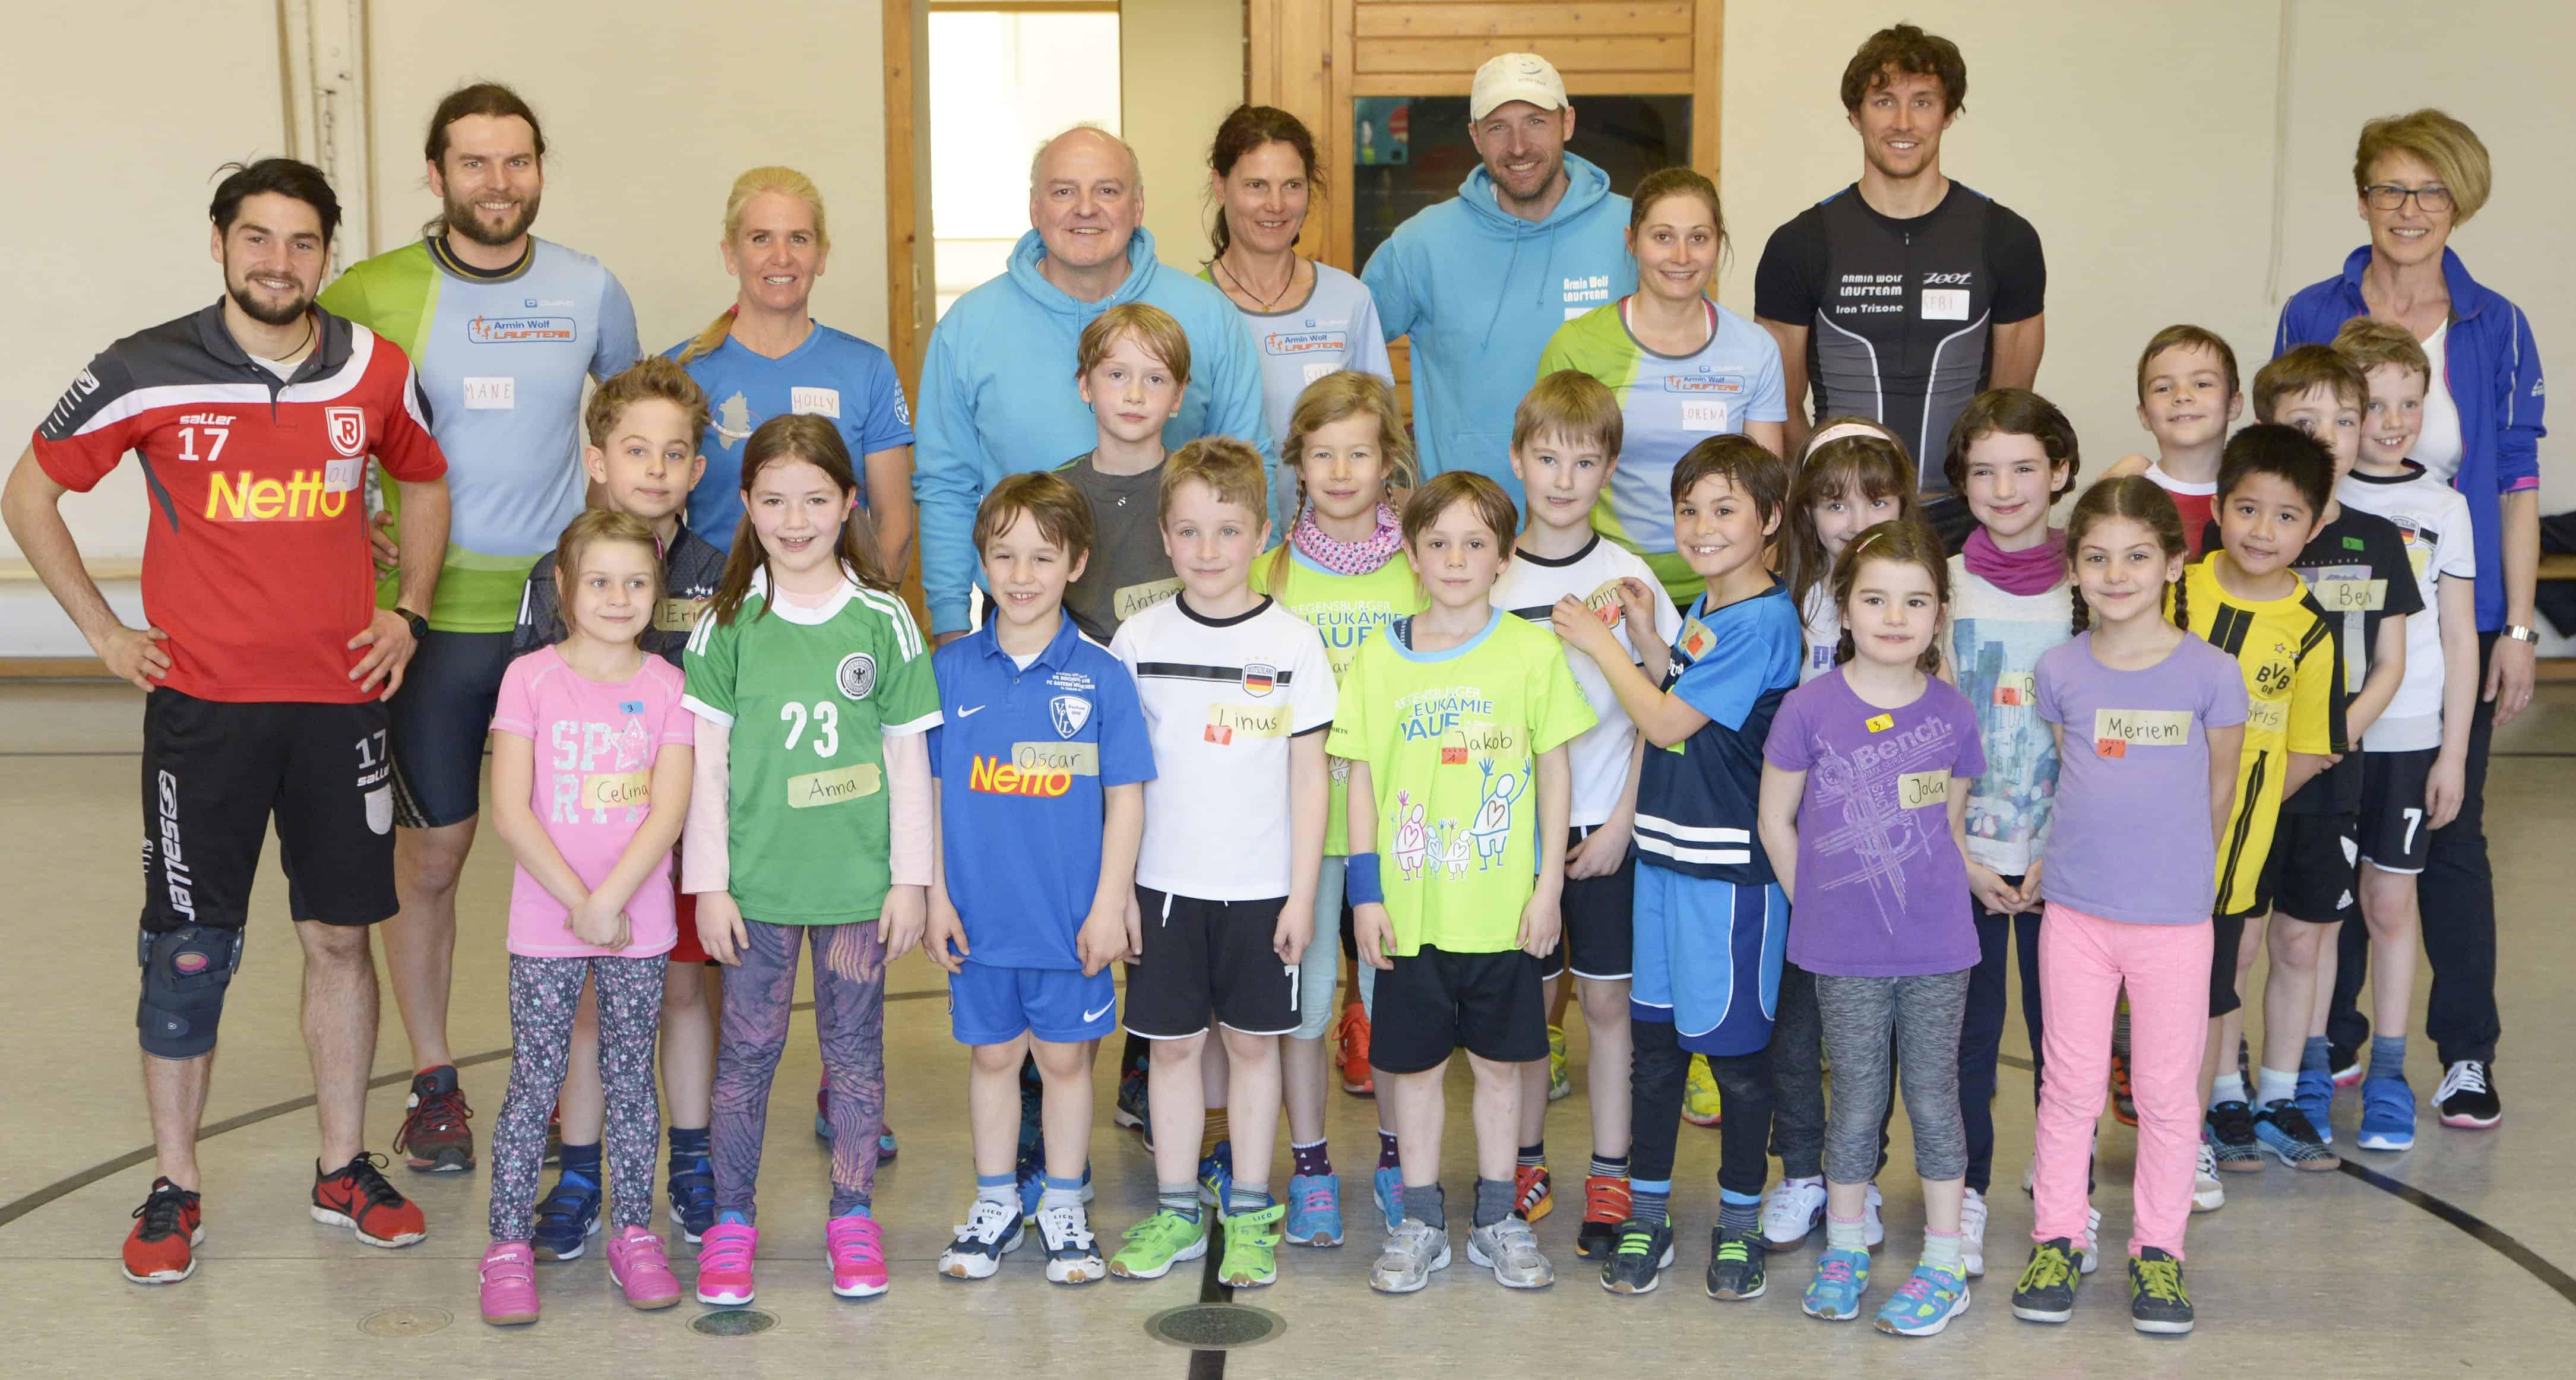 Armin Wolf Laufteam trainiert mit Kids